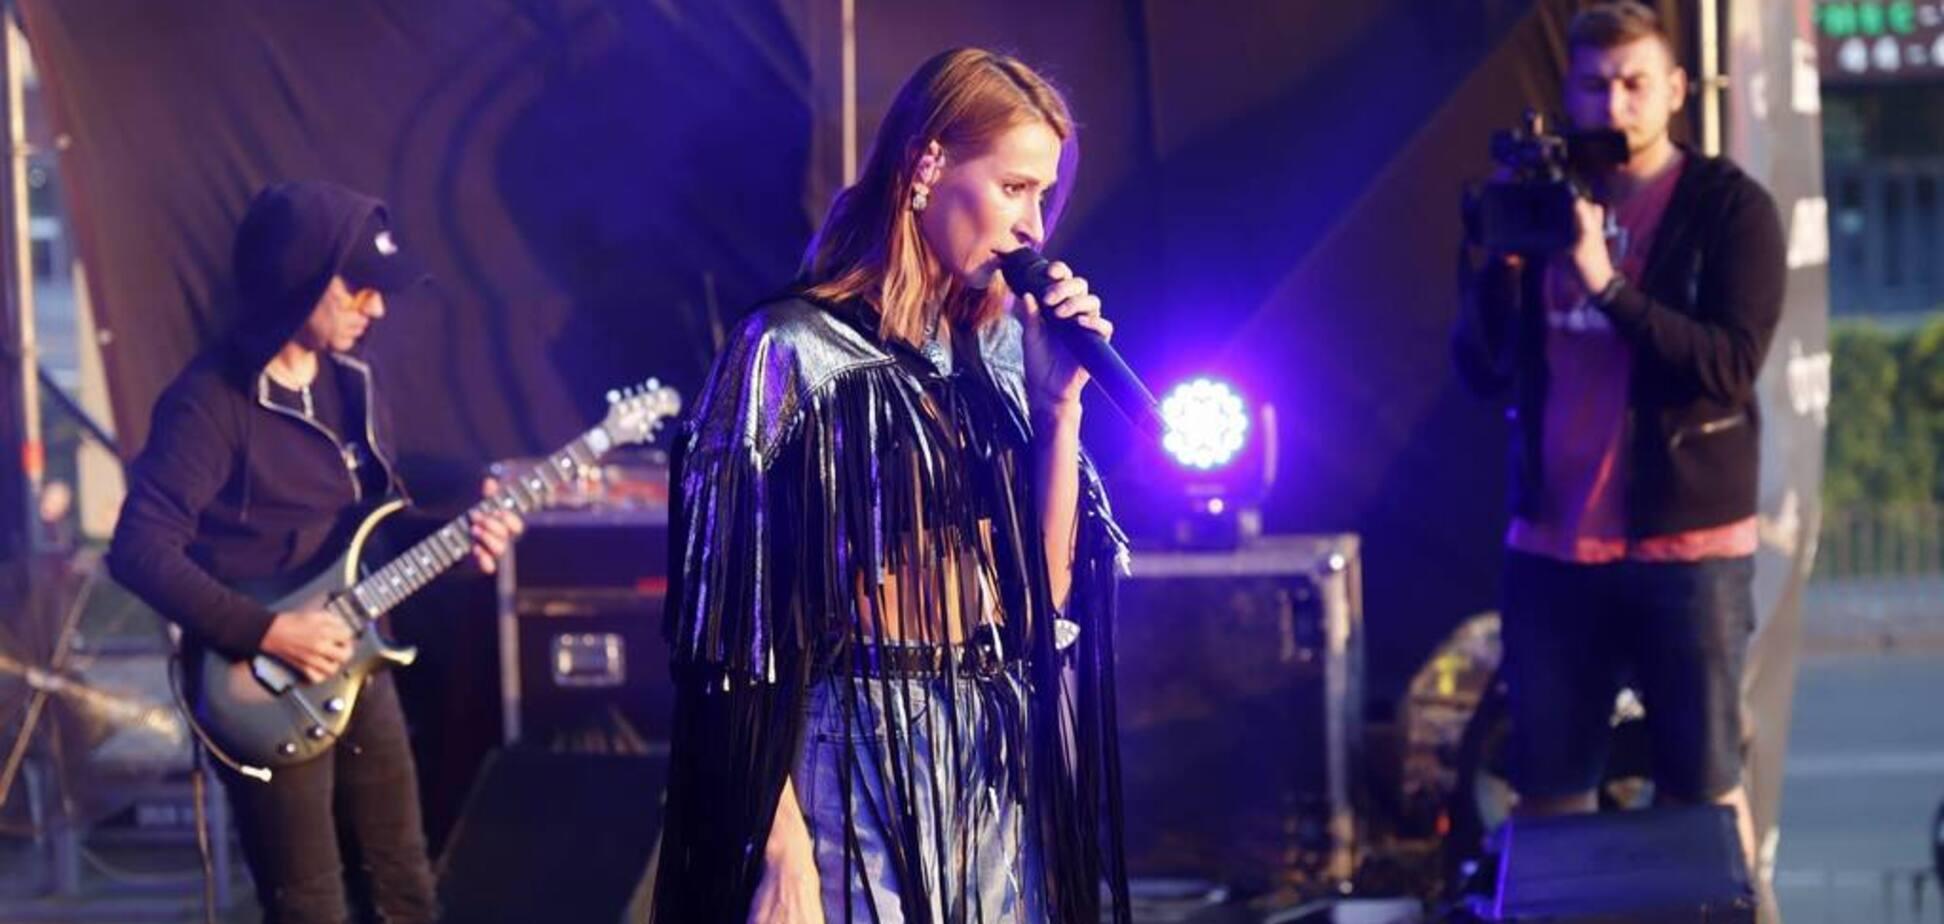 Концерт певицы TAYANNA на День молодежи в Днепре собрал 7 тысяч зрителей